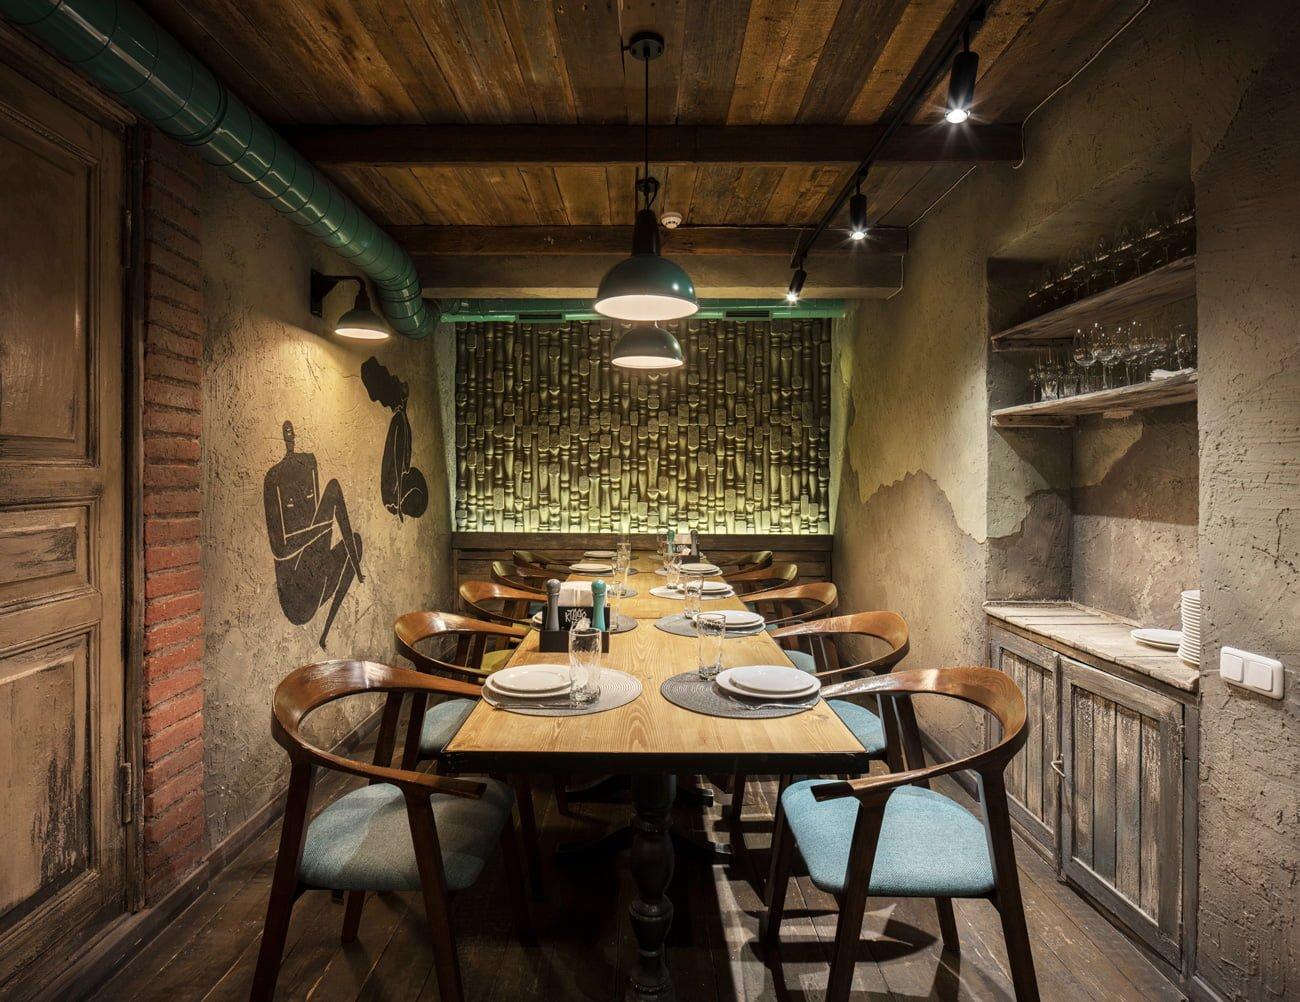 фото интерьера небольшого отдельного зала с столом для большой компании или семьи